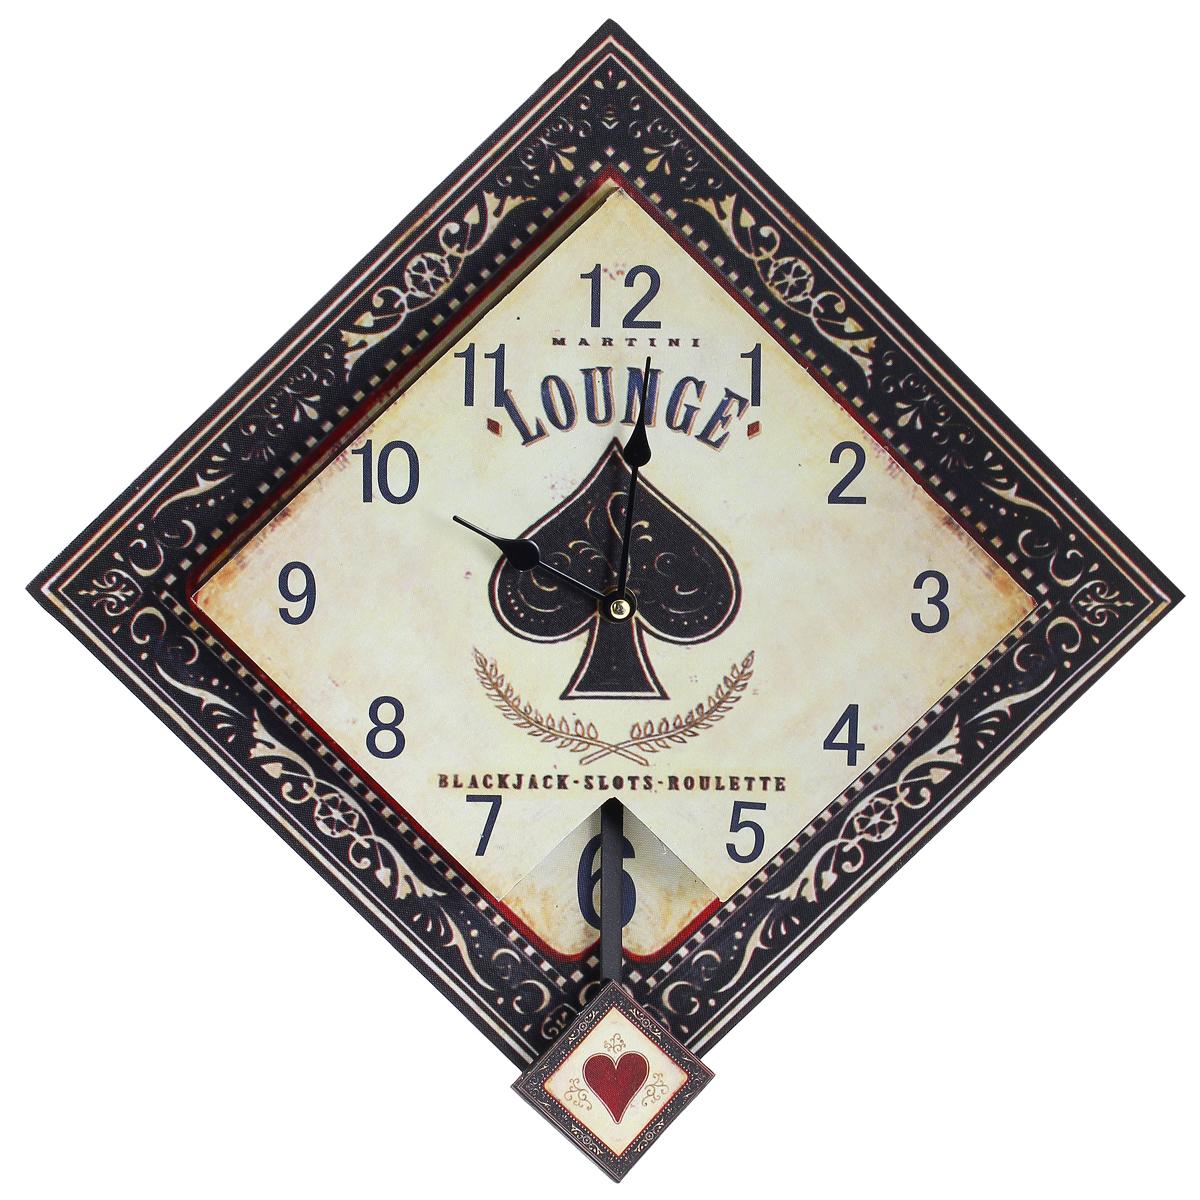 Часы настенные Black Jack, кварцевые, с маятником. 30378300194_сиреневый/грушаНастенные кварцевые часы Black Jack изготовлены из МДФ. Часы имеют форму ромба. Корпус оформлен узорами и изображением карточных мастей. Тип индикации - арабские цифры. Часы имеют две стрелки - часовую и минутную. Часы оснащены маятником. С задней стороны имеется отверстие для подвешивания на стену. Изящные часы красиво и оригинально оформят интерьер дома или офиса.Часы работают от одной батарейки типа АА (в комплект не входит).Размер часов (ДхШхВ) (без учета маятника): 42 см х 42 см х 4 см.Размер циферблата: 30 см х 30 см.Внимание! Уважаемые клиенты, обращаем ваше внимание на тот факт, что циферблат часов не защищен стеклом!